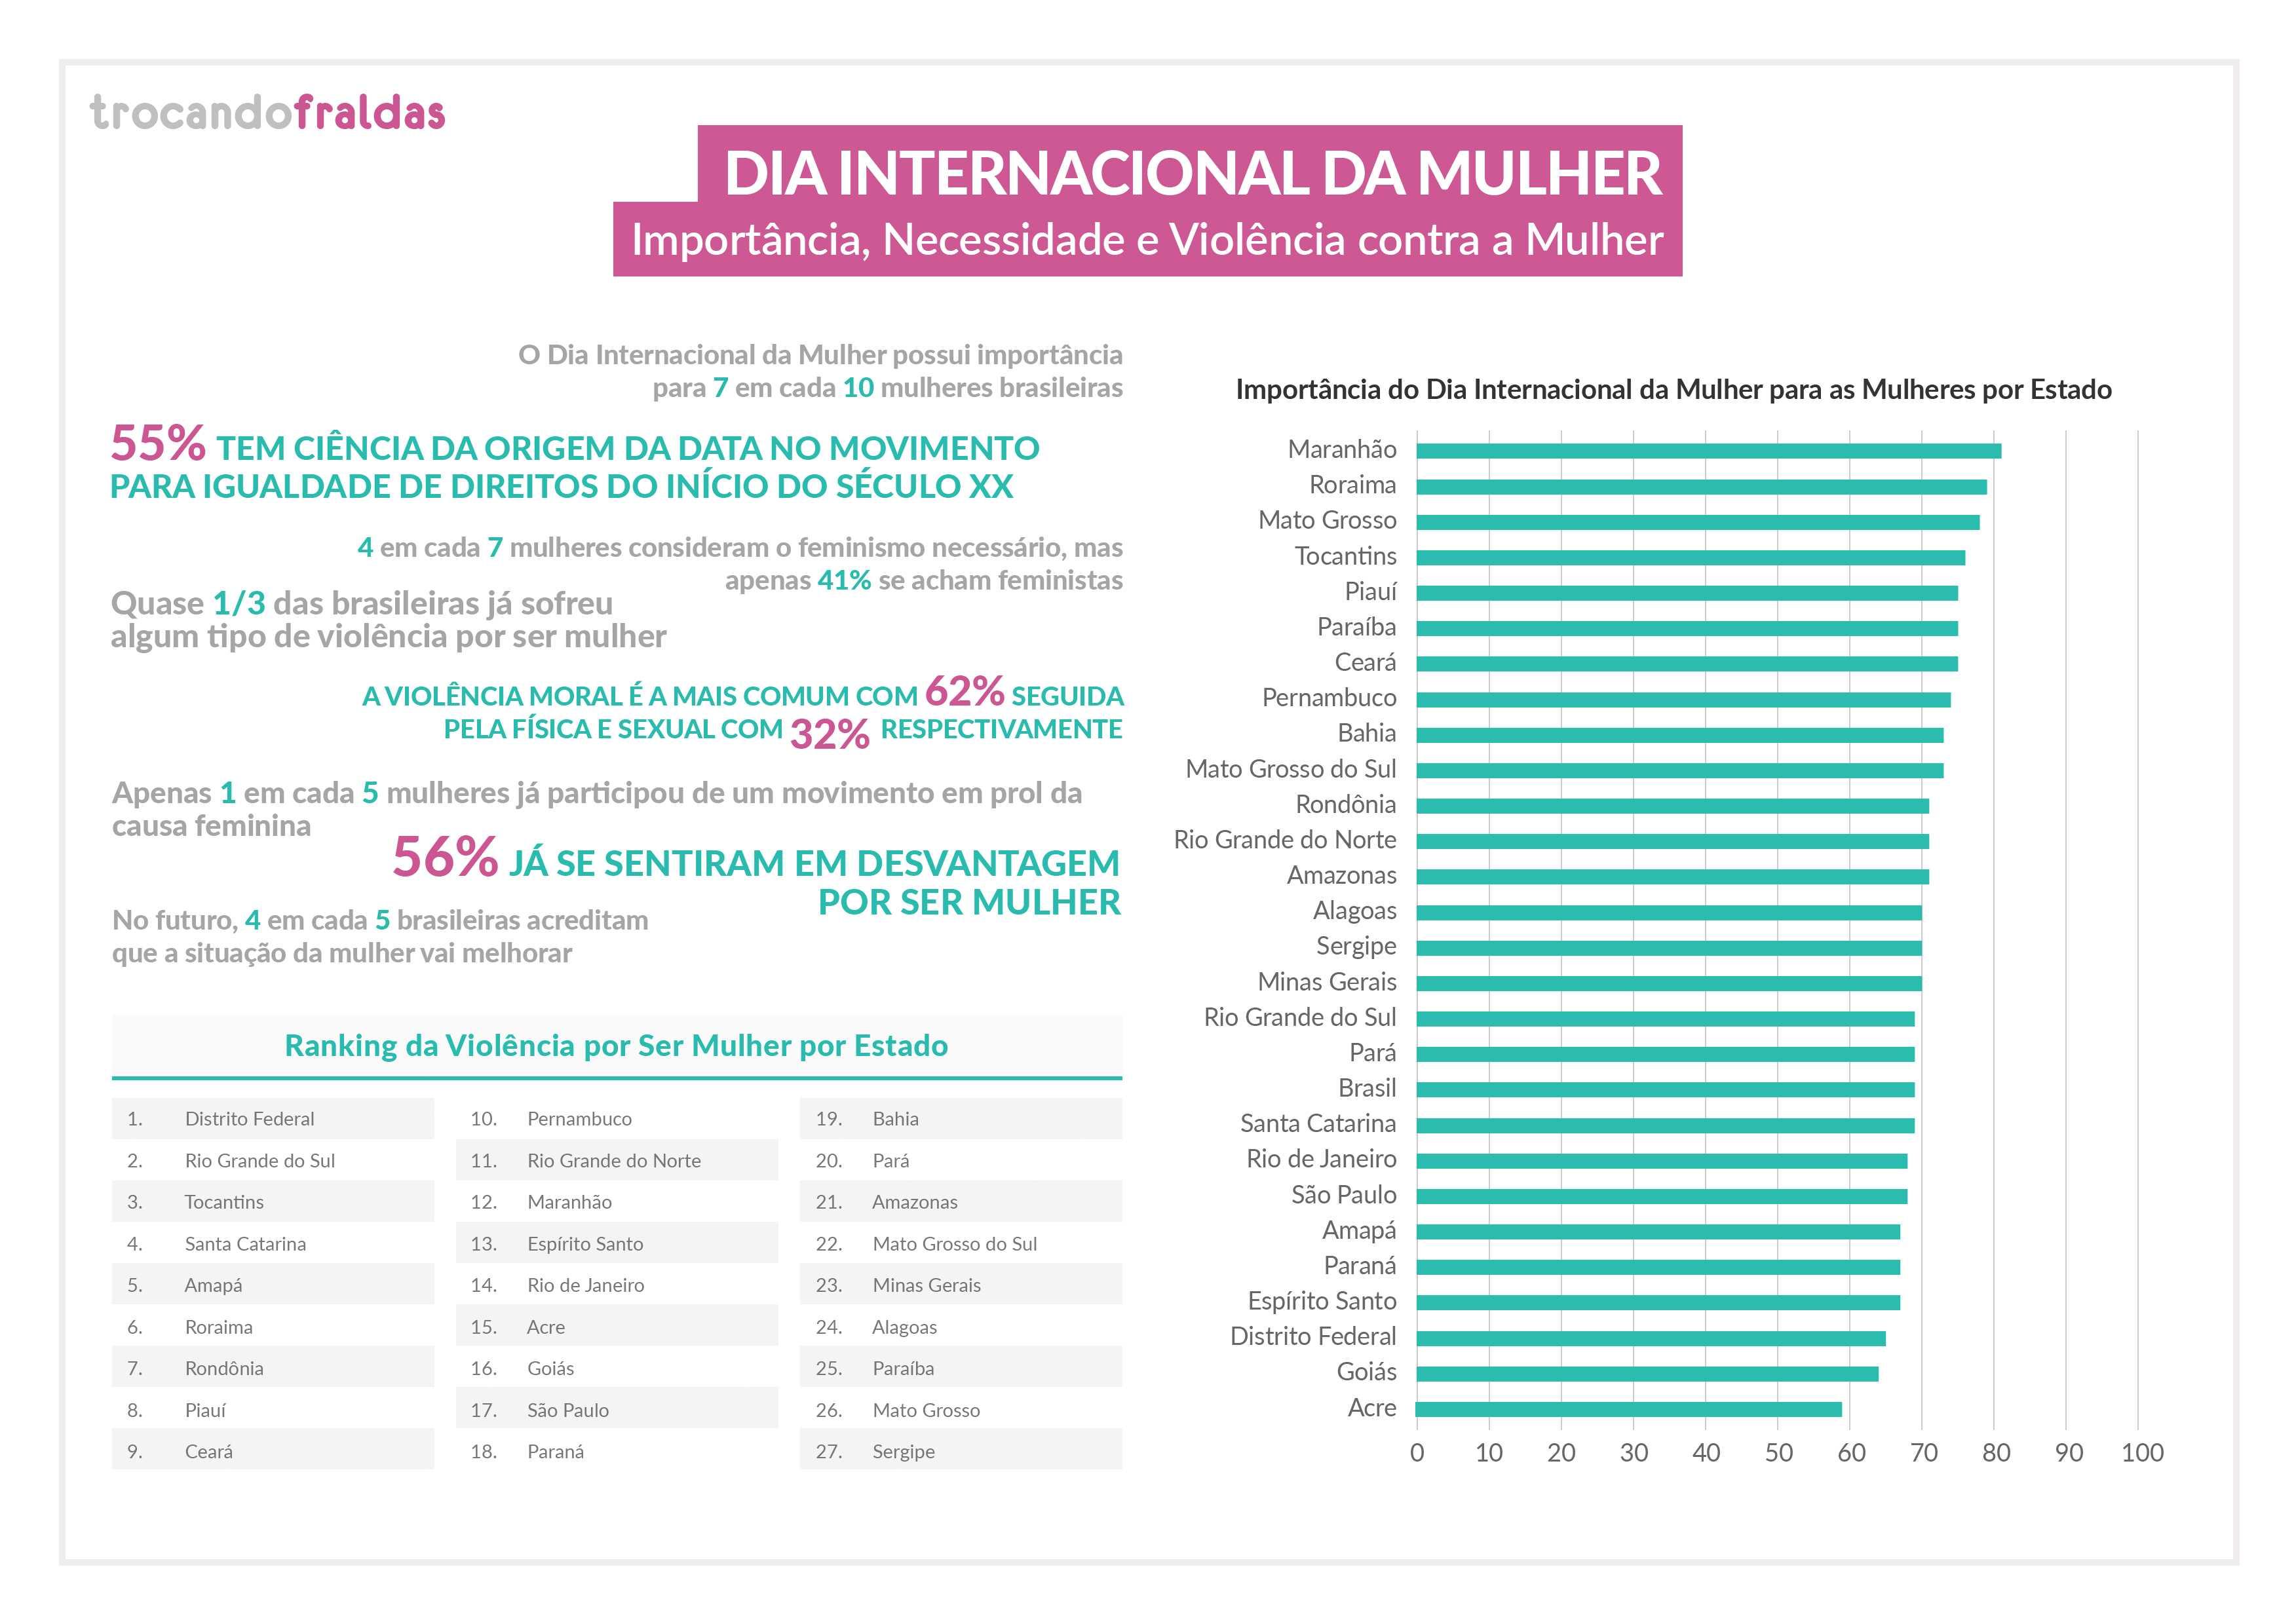 Mais da metade das brasileiras (56%) já se sentiu em algum momento em desvantagem por conta do gênero e (32%) já sofreu violência física ou sexual